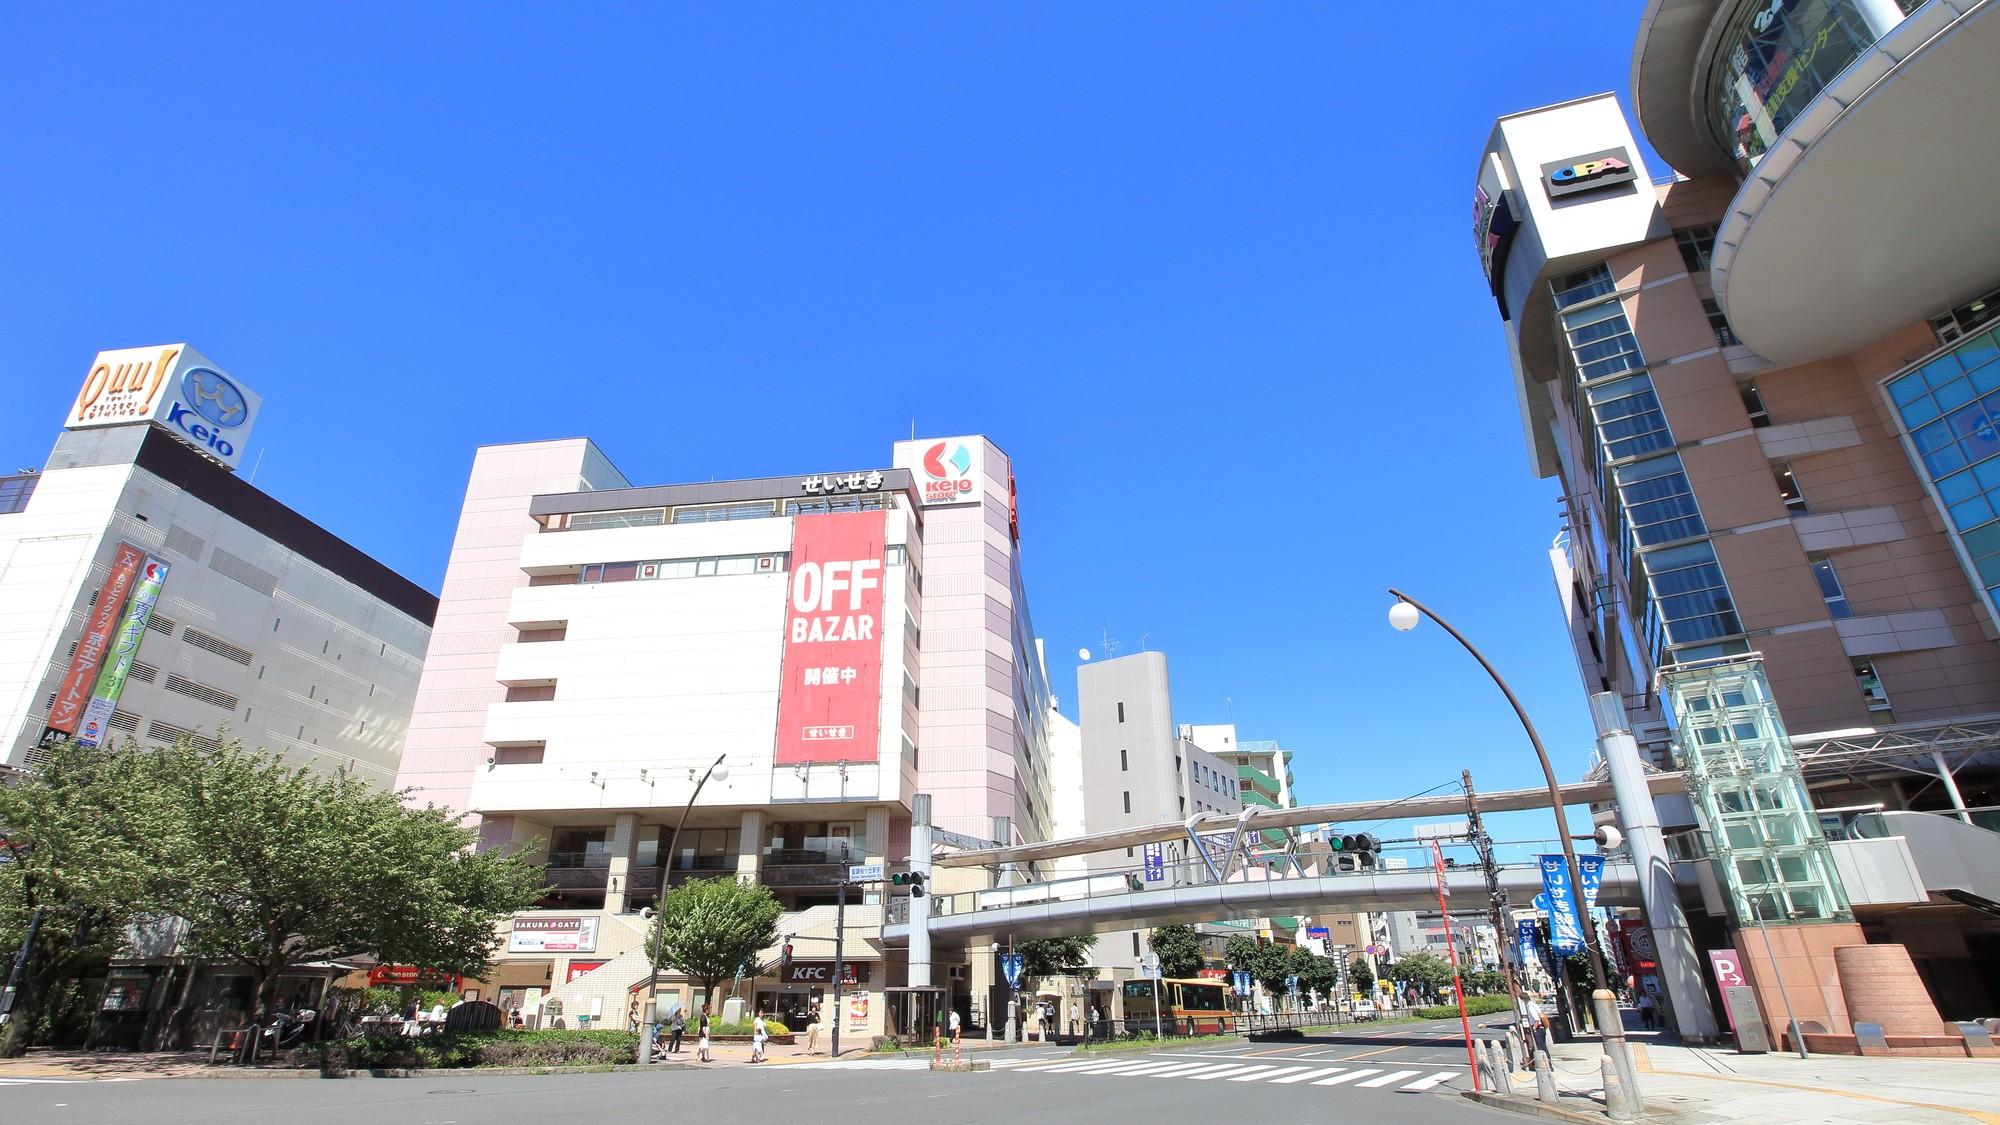 ジブリ映画の舞台「聖蹟桜ヶ丘」が、衰退していく明確な理由